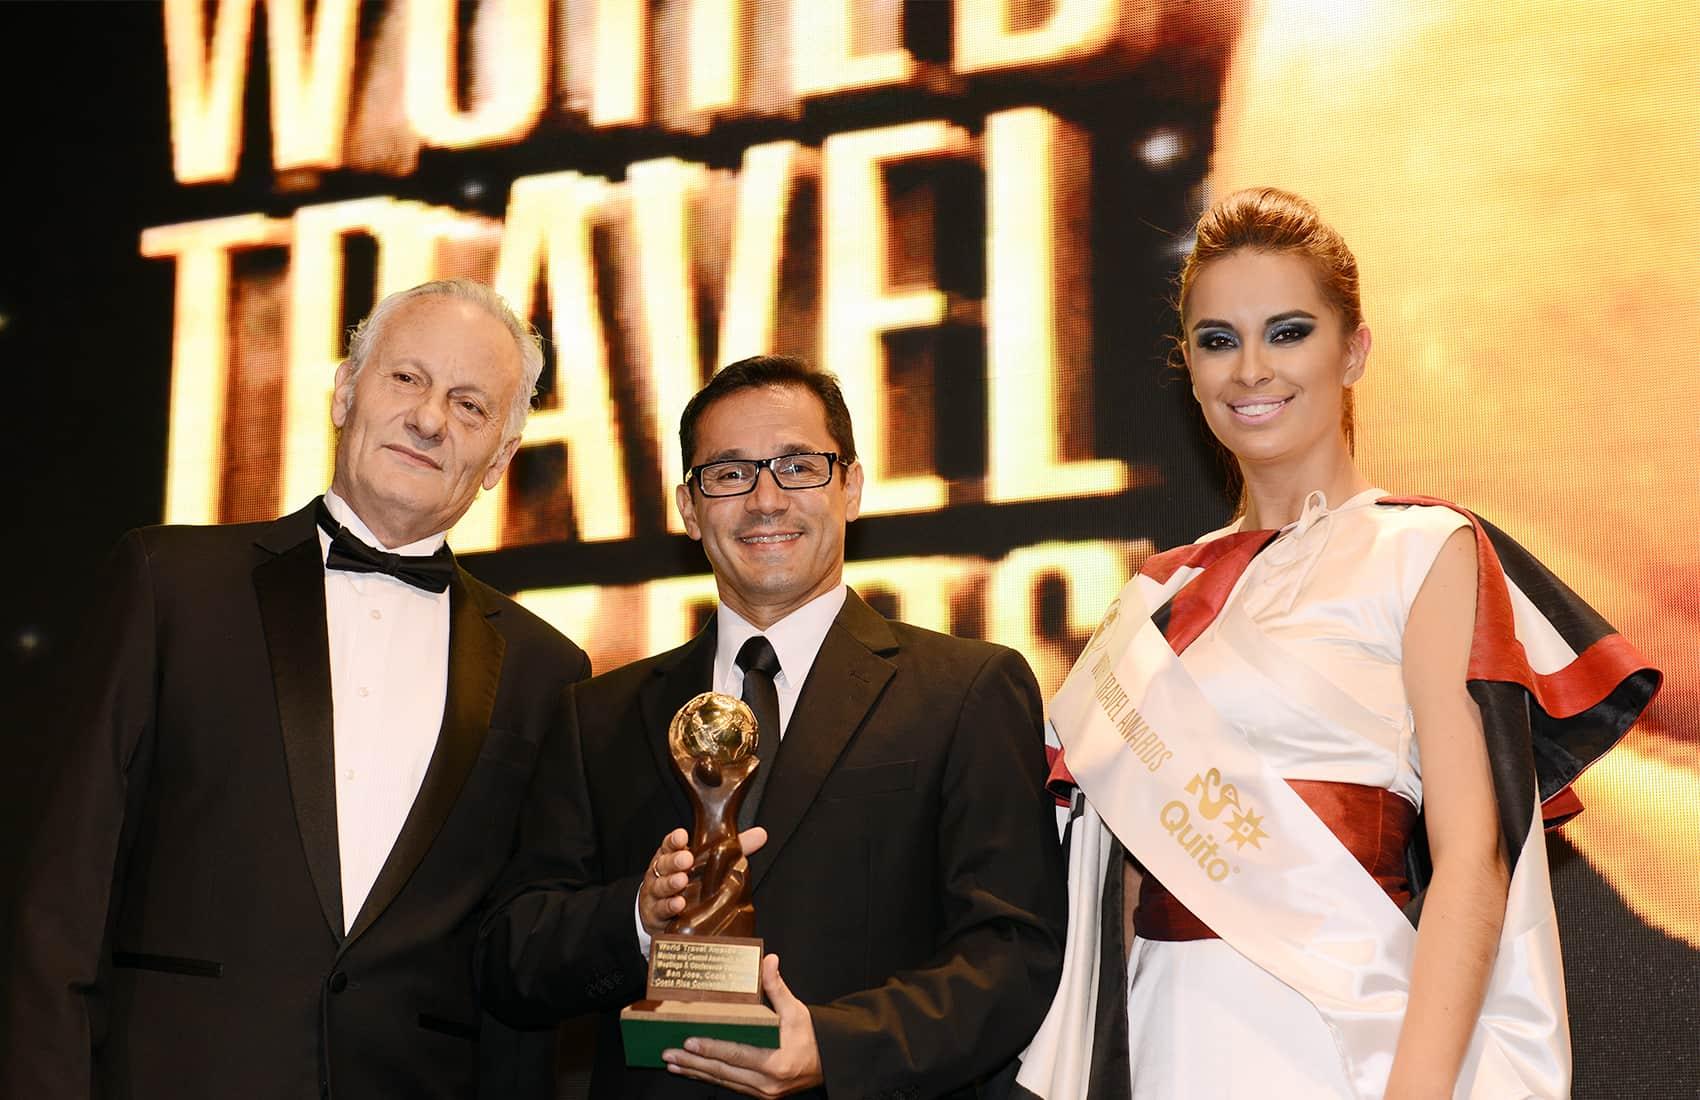 Pablo Solano at the World Travel Awards